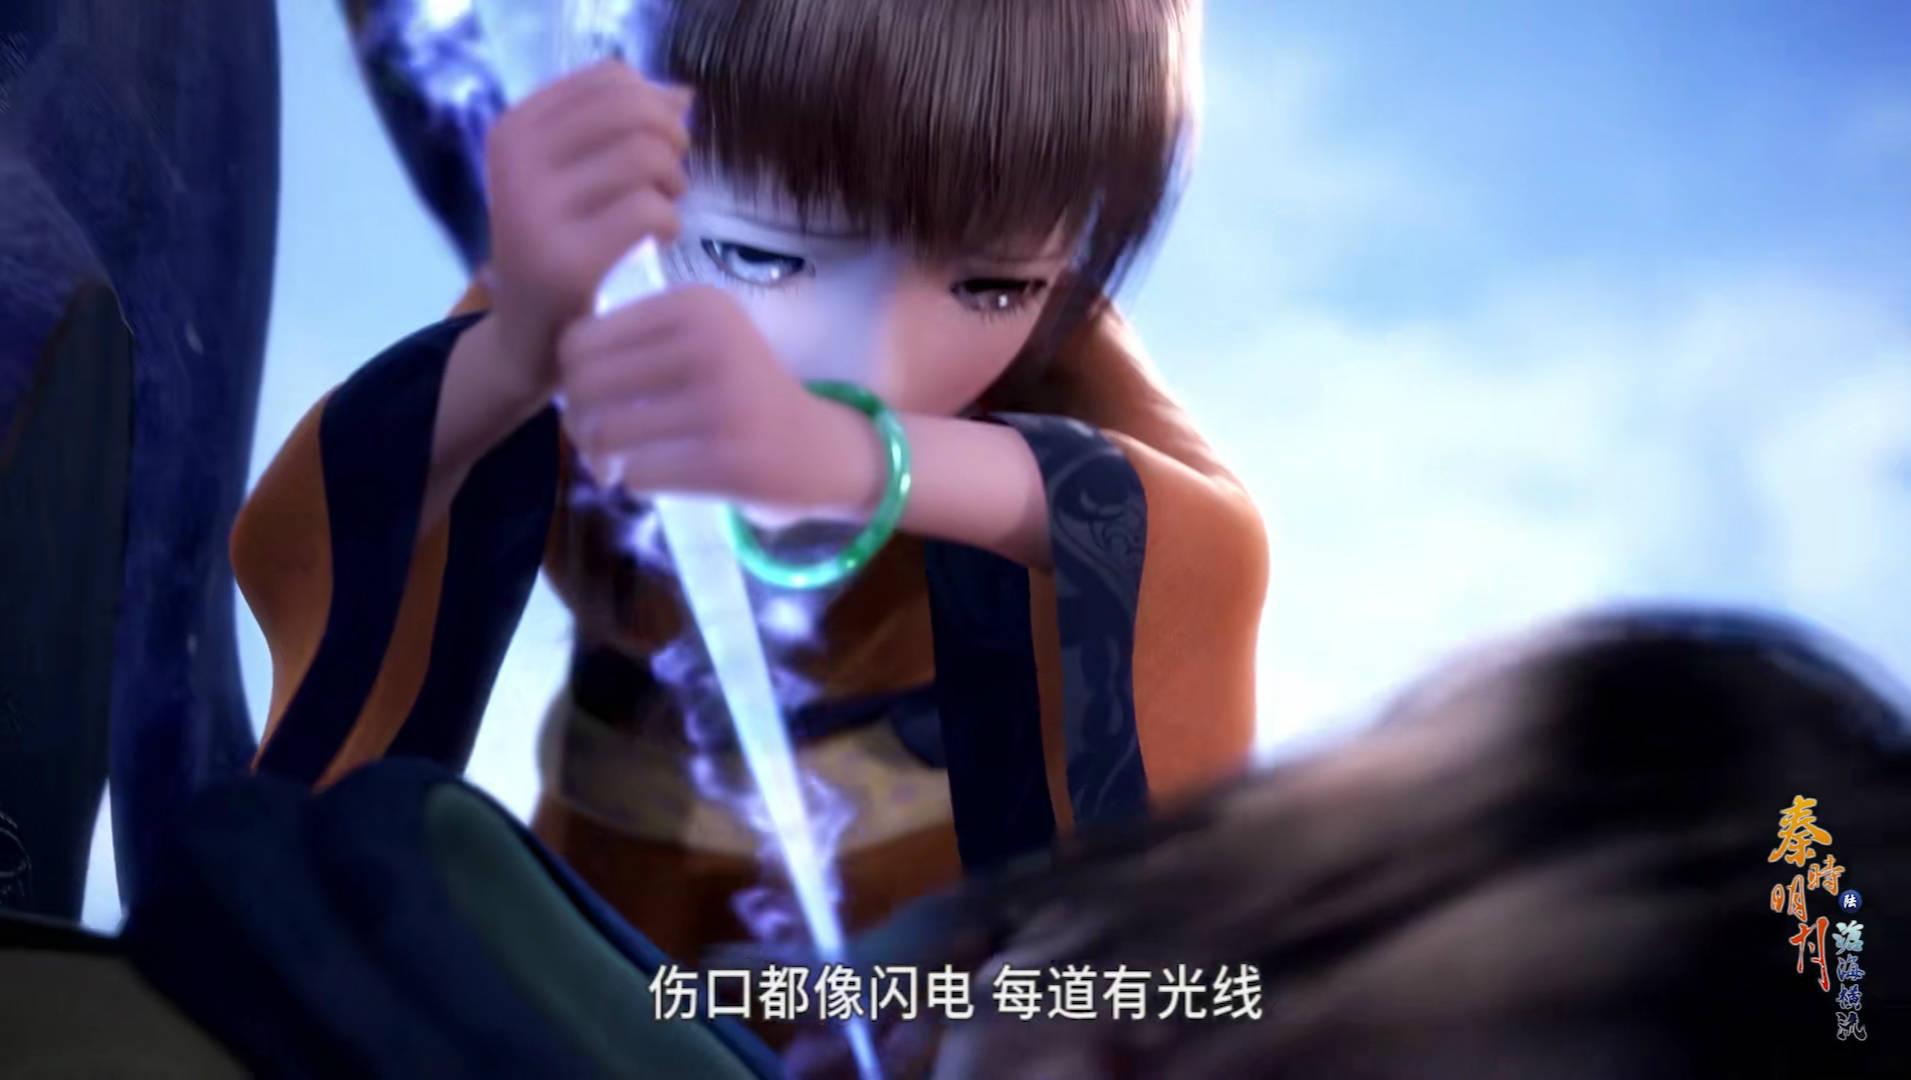 《秦时明月沧海横流》定档10月8日:月儿剑刺天明,山雨欲来战争将起 刘邦何在?